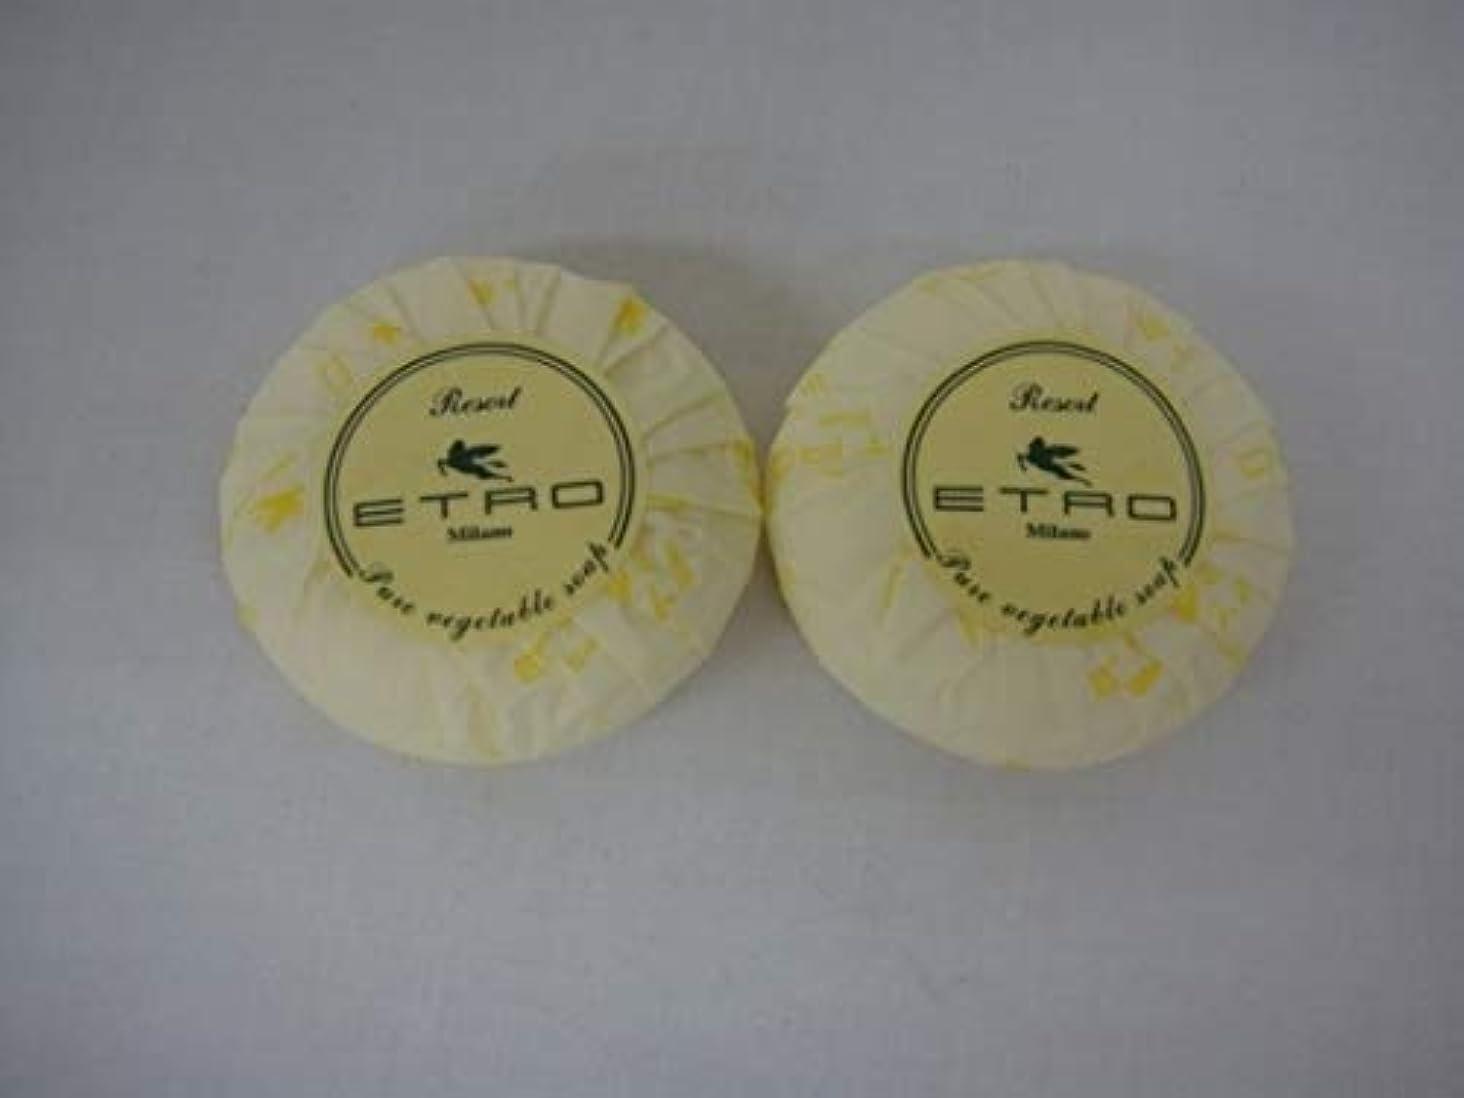 エチケット立ち寄るシャーロットブロンテ【X2個セット】ETRO エトロ ピュアベジタブルソープ 石鹸40g×2個 (合計4個)